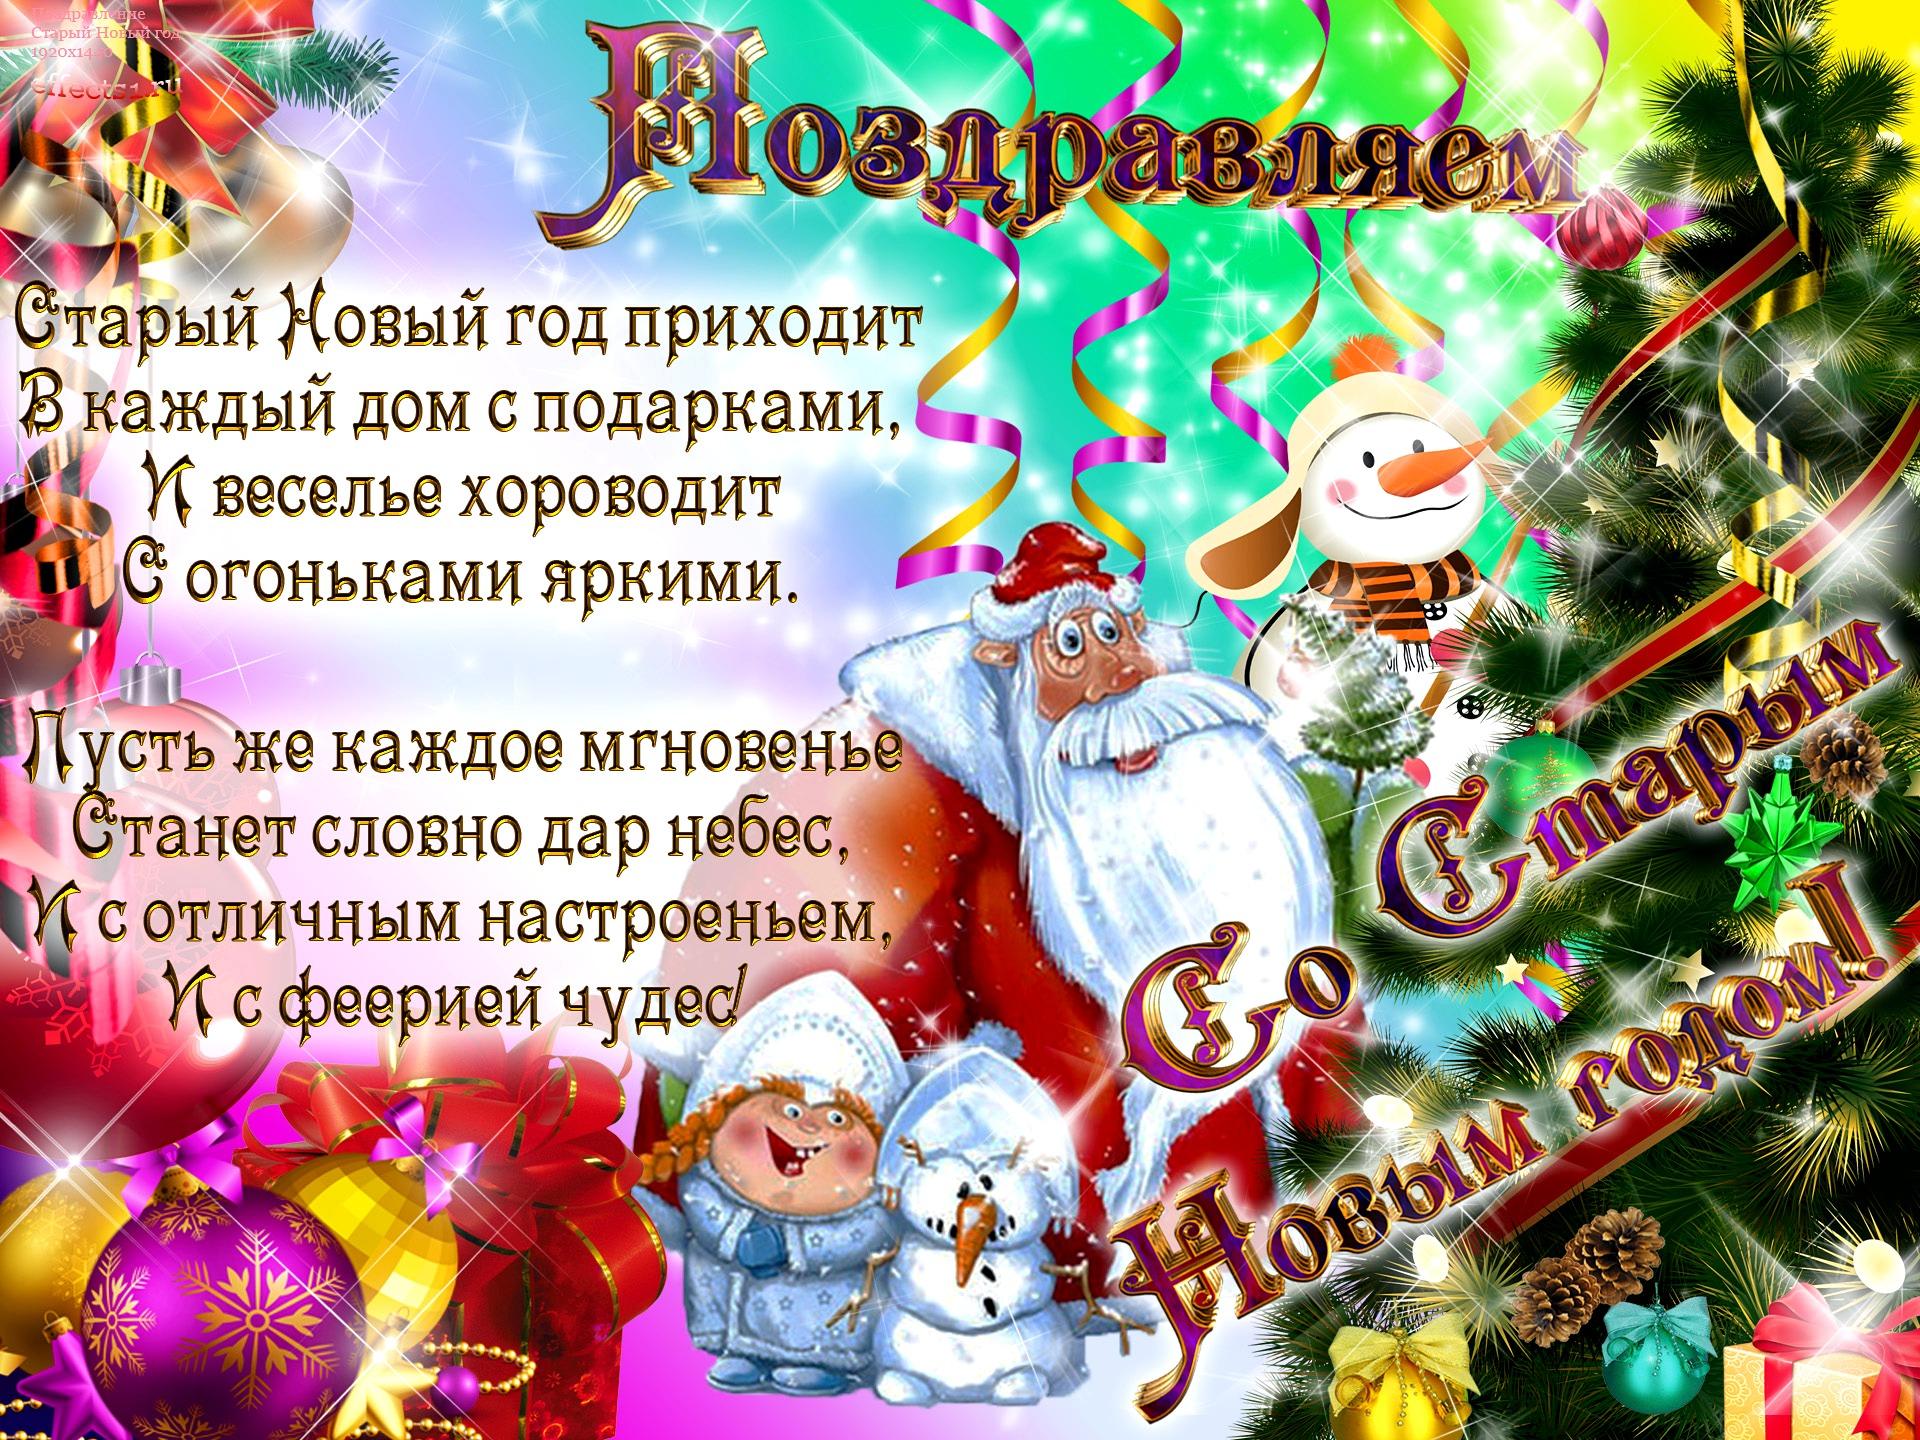 Мерцающие открытки с поздравлением со старым новым годом